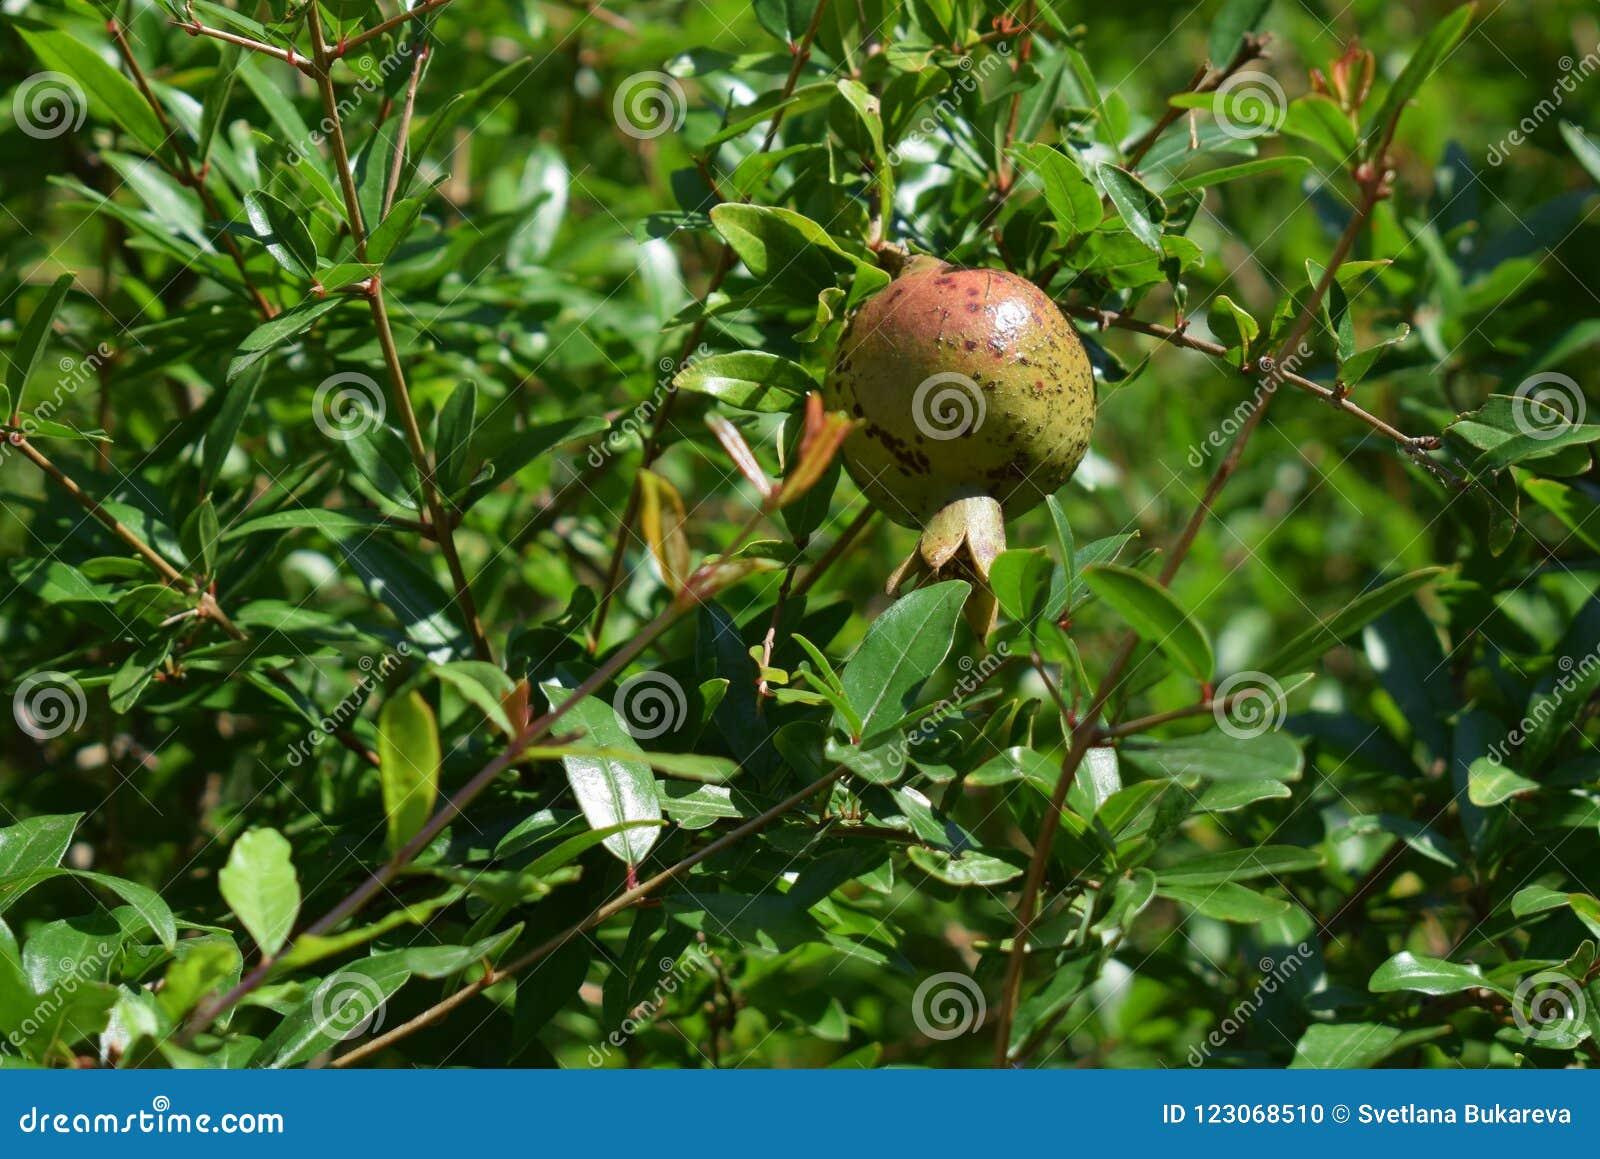 Ένα unripe ρόδι κρεμά σε ένα δέντρο μεταξύ του παχιού πράσινου φυλλώματος